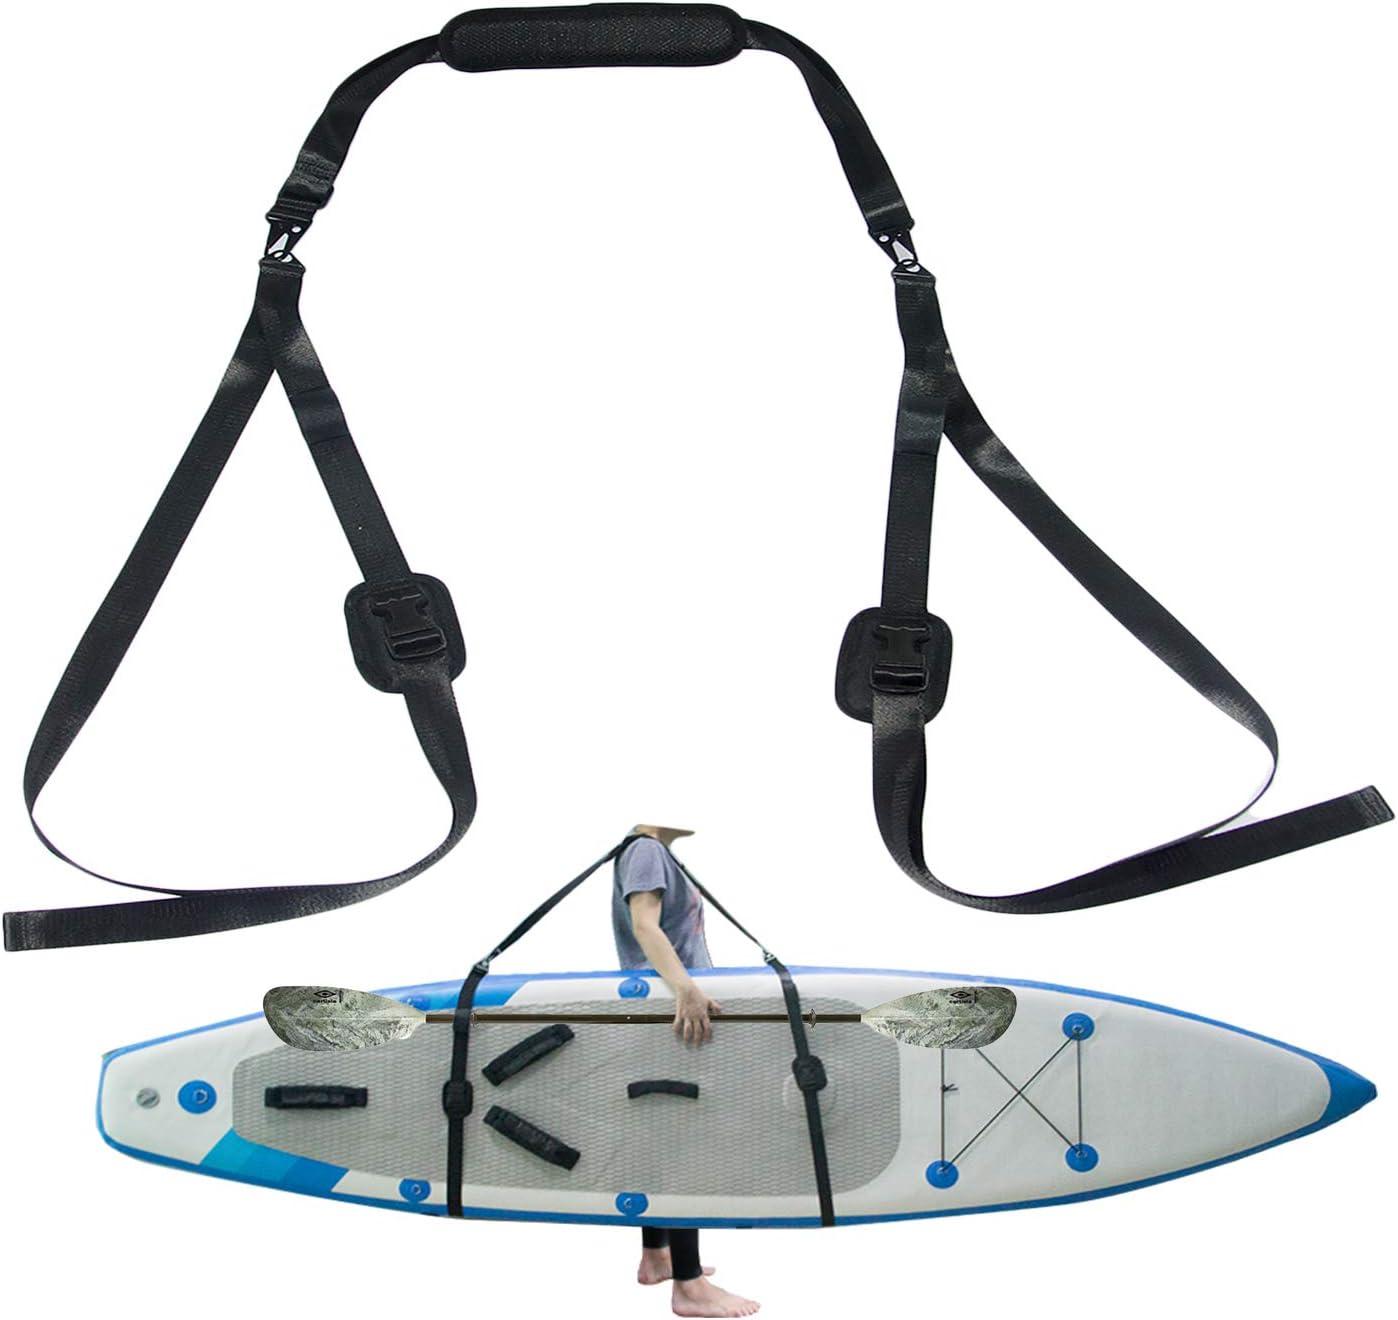 Verstellbarer Kajak Sup Trageriemen Multi Use Schultergurt Für Surfboard Stand Up Paddleboard Kanu Longboard Tragegurt Paddel Board Zubehör Sport Freizeit